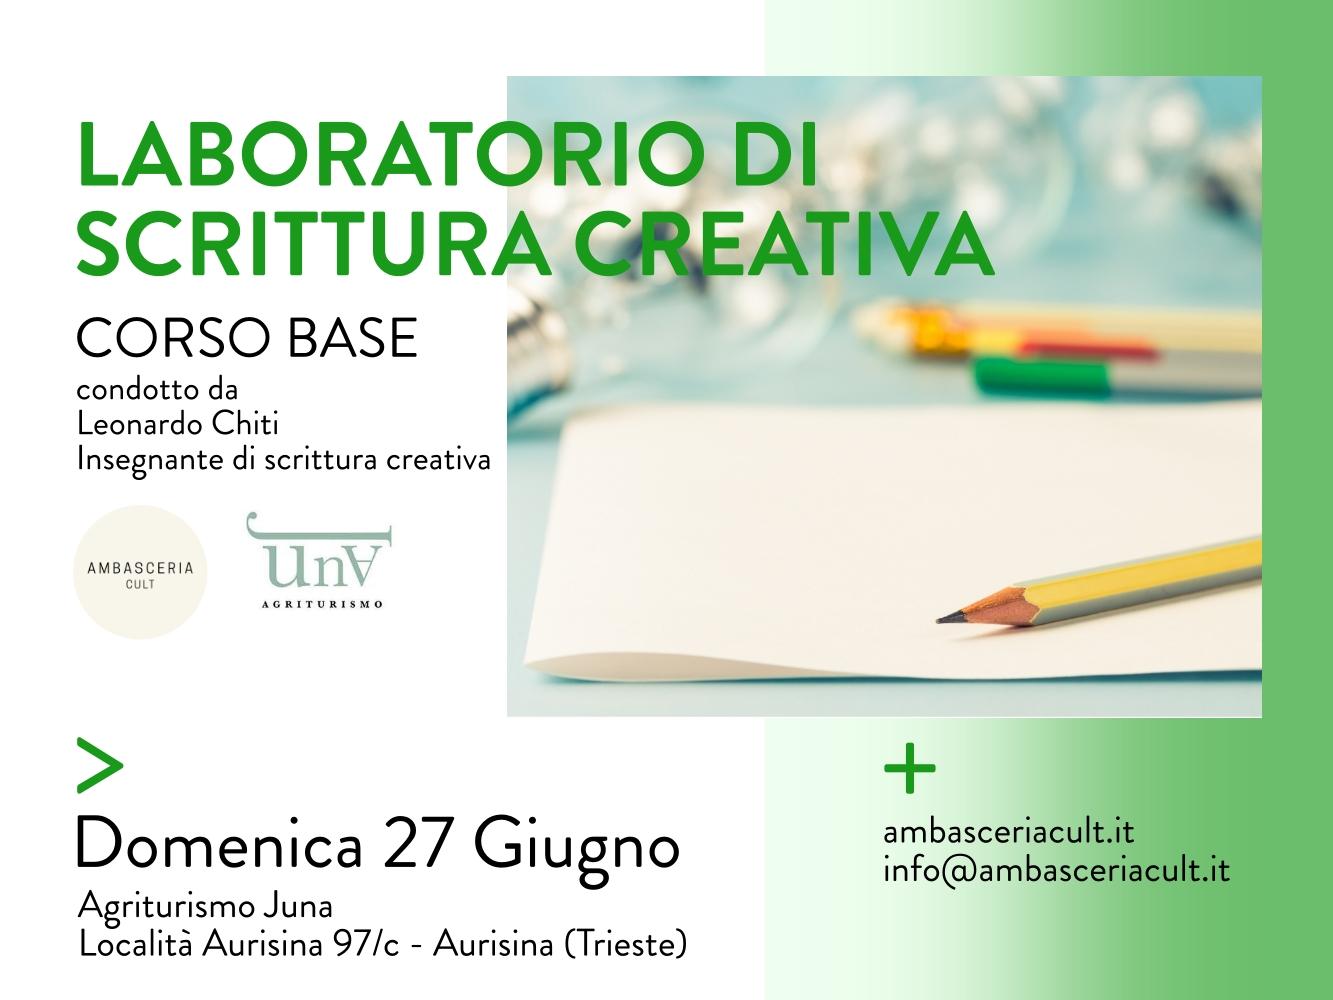 Laboratorio di scrittura creativa domenica 27 giugno 2021 a Trieste in Friuli-Venezia Giulia